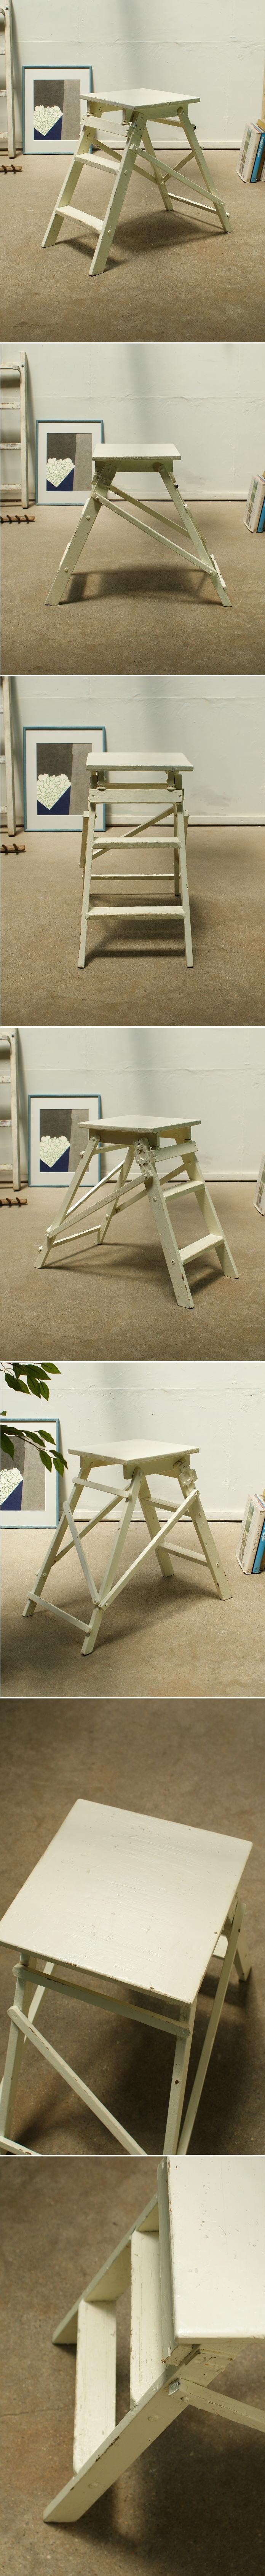 イギリス アンティーク ステップラダー 脚立 飾り台 2149